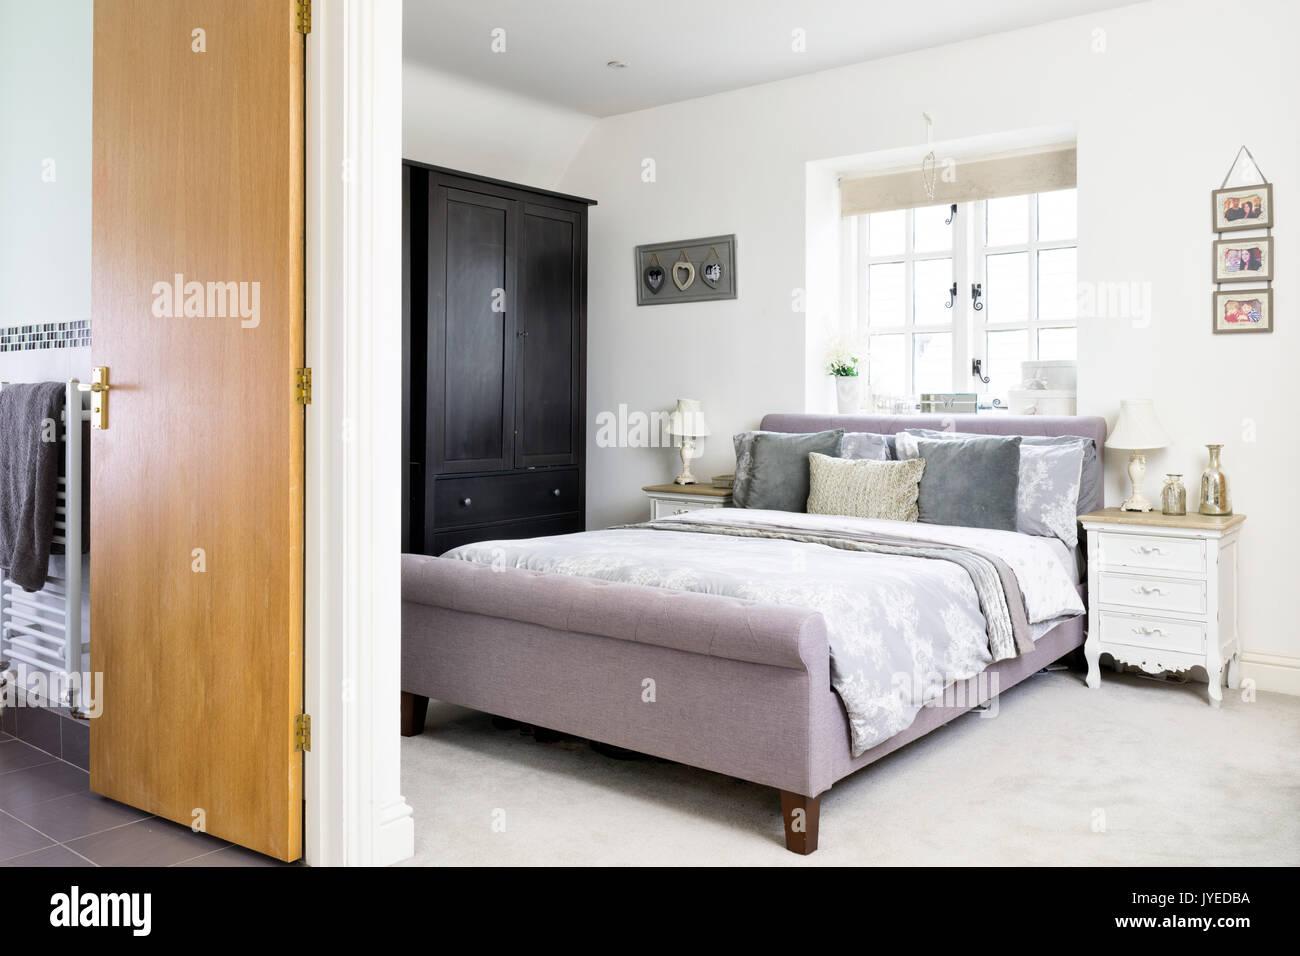 Un grand lit dans une chambre double moderne avec salle de bains. Photo Stock